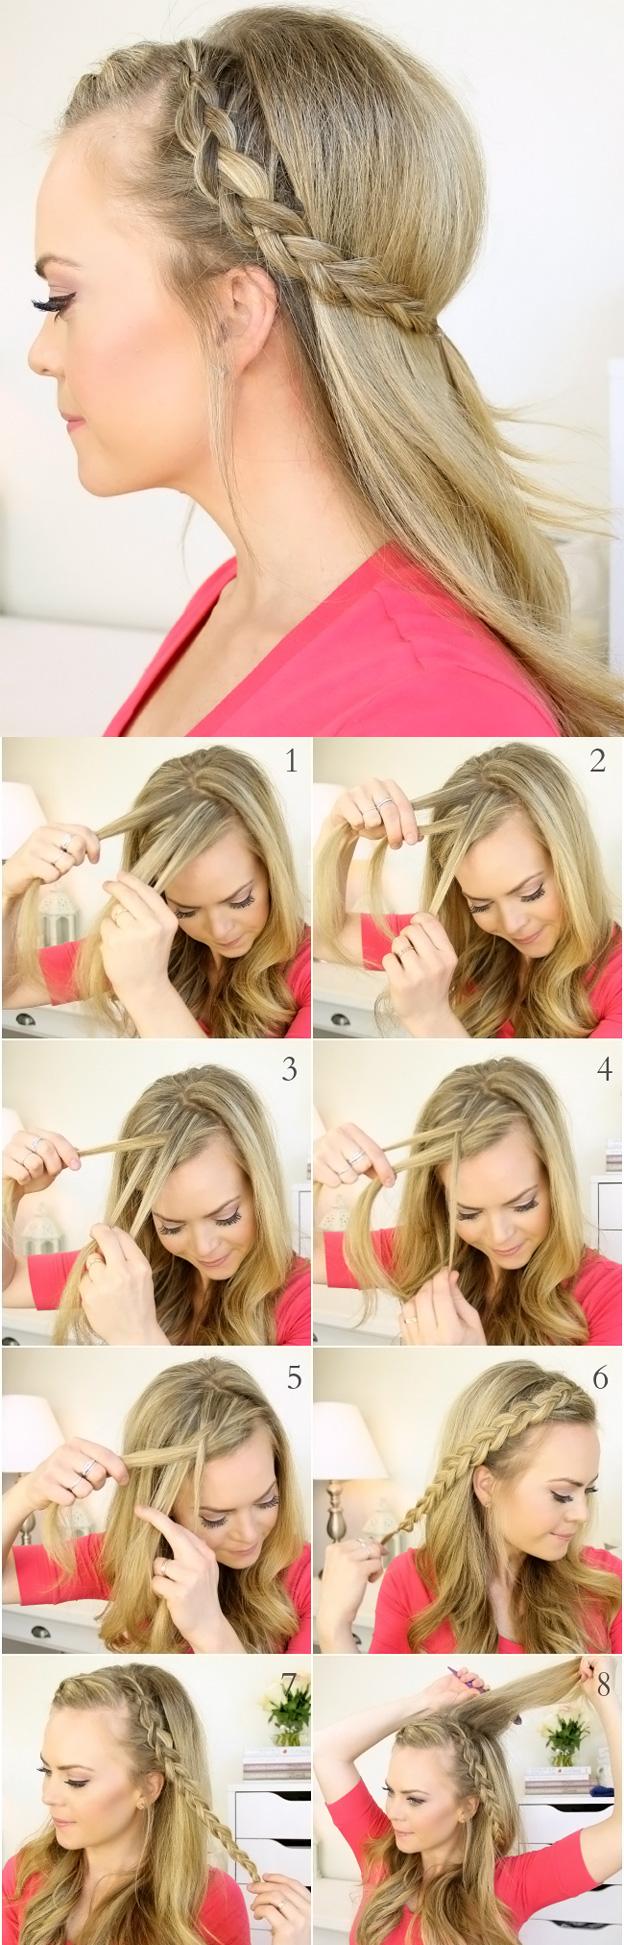 Прически для школы простые на длинные волосы фото